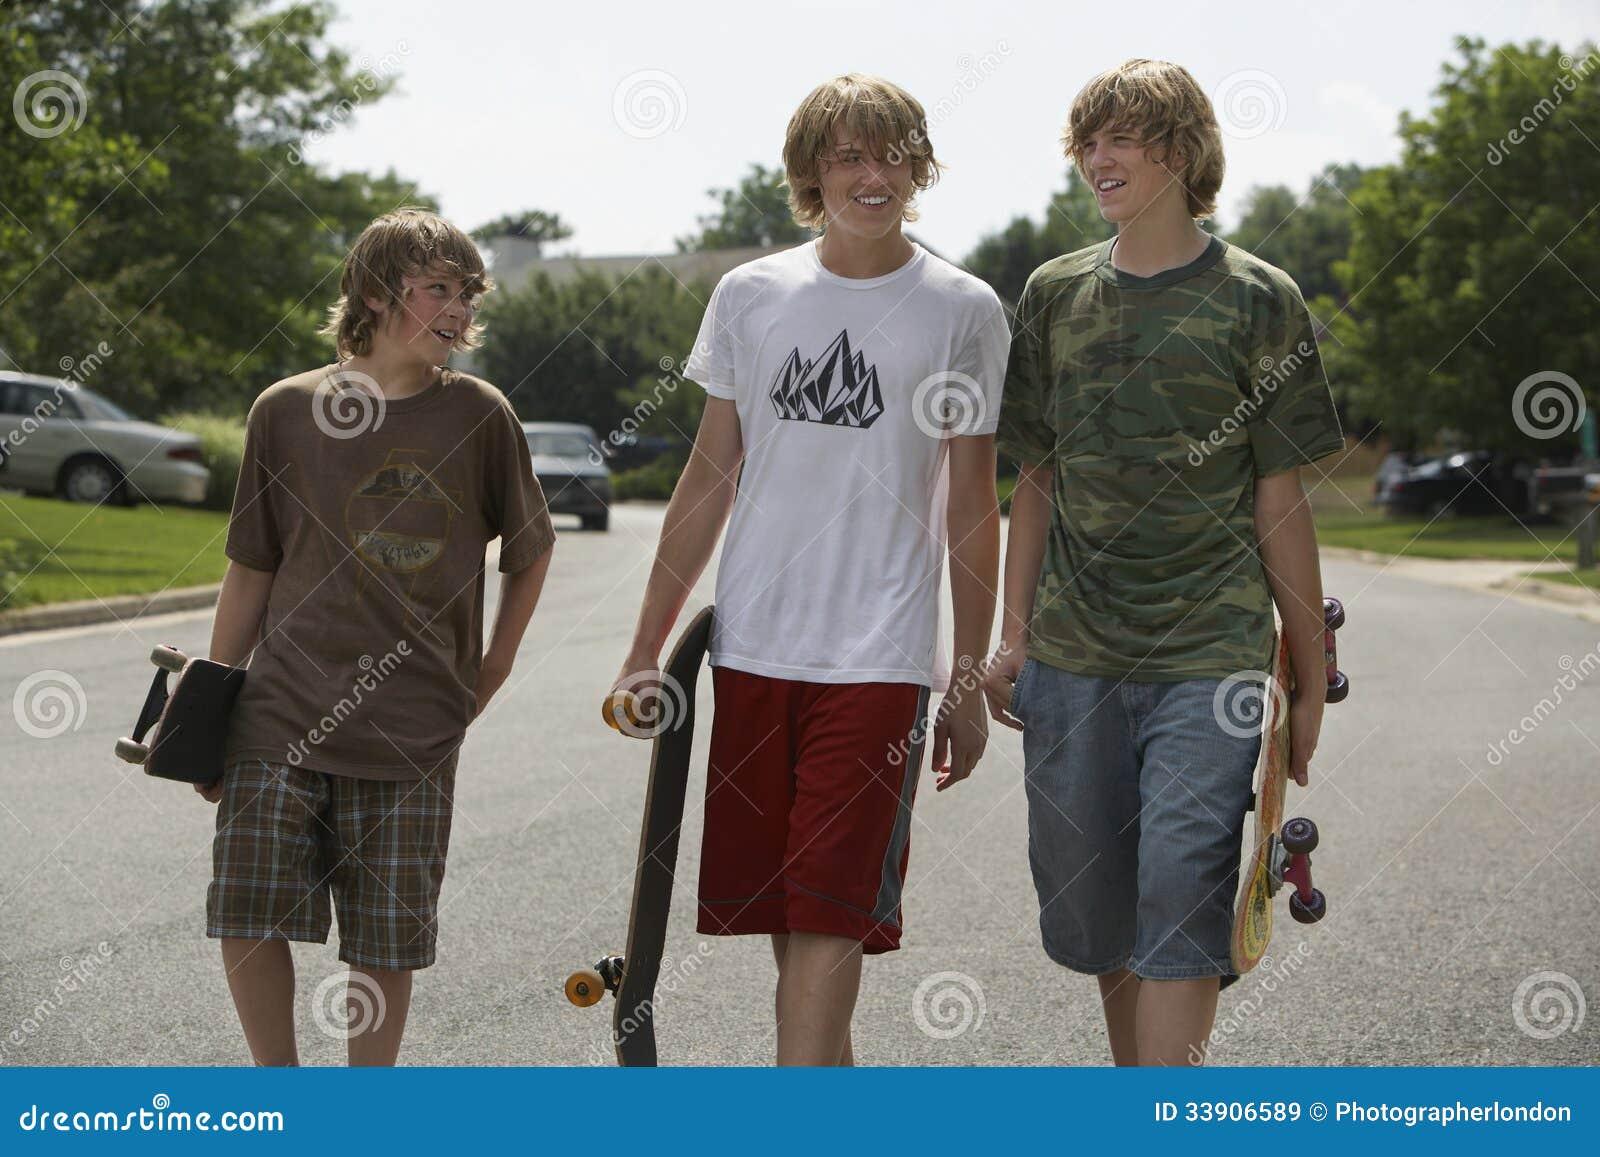 boys in street